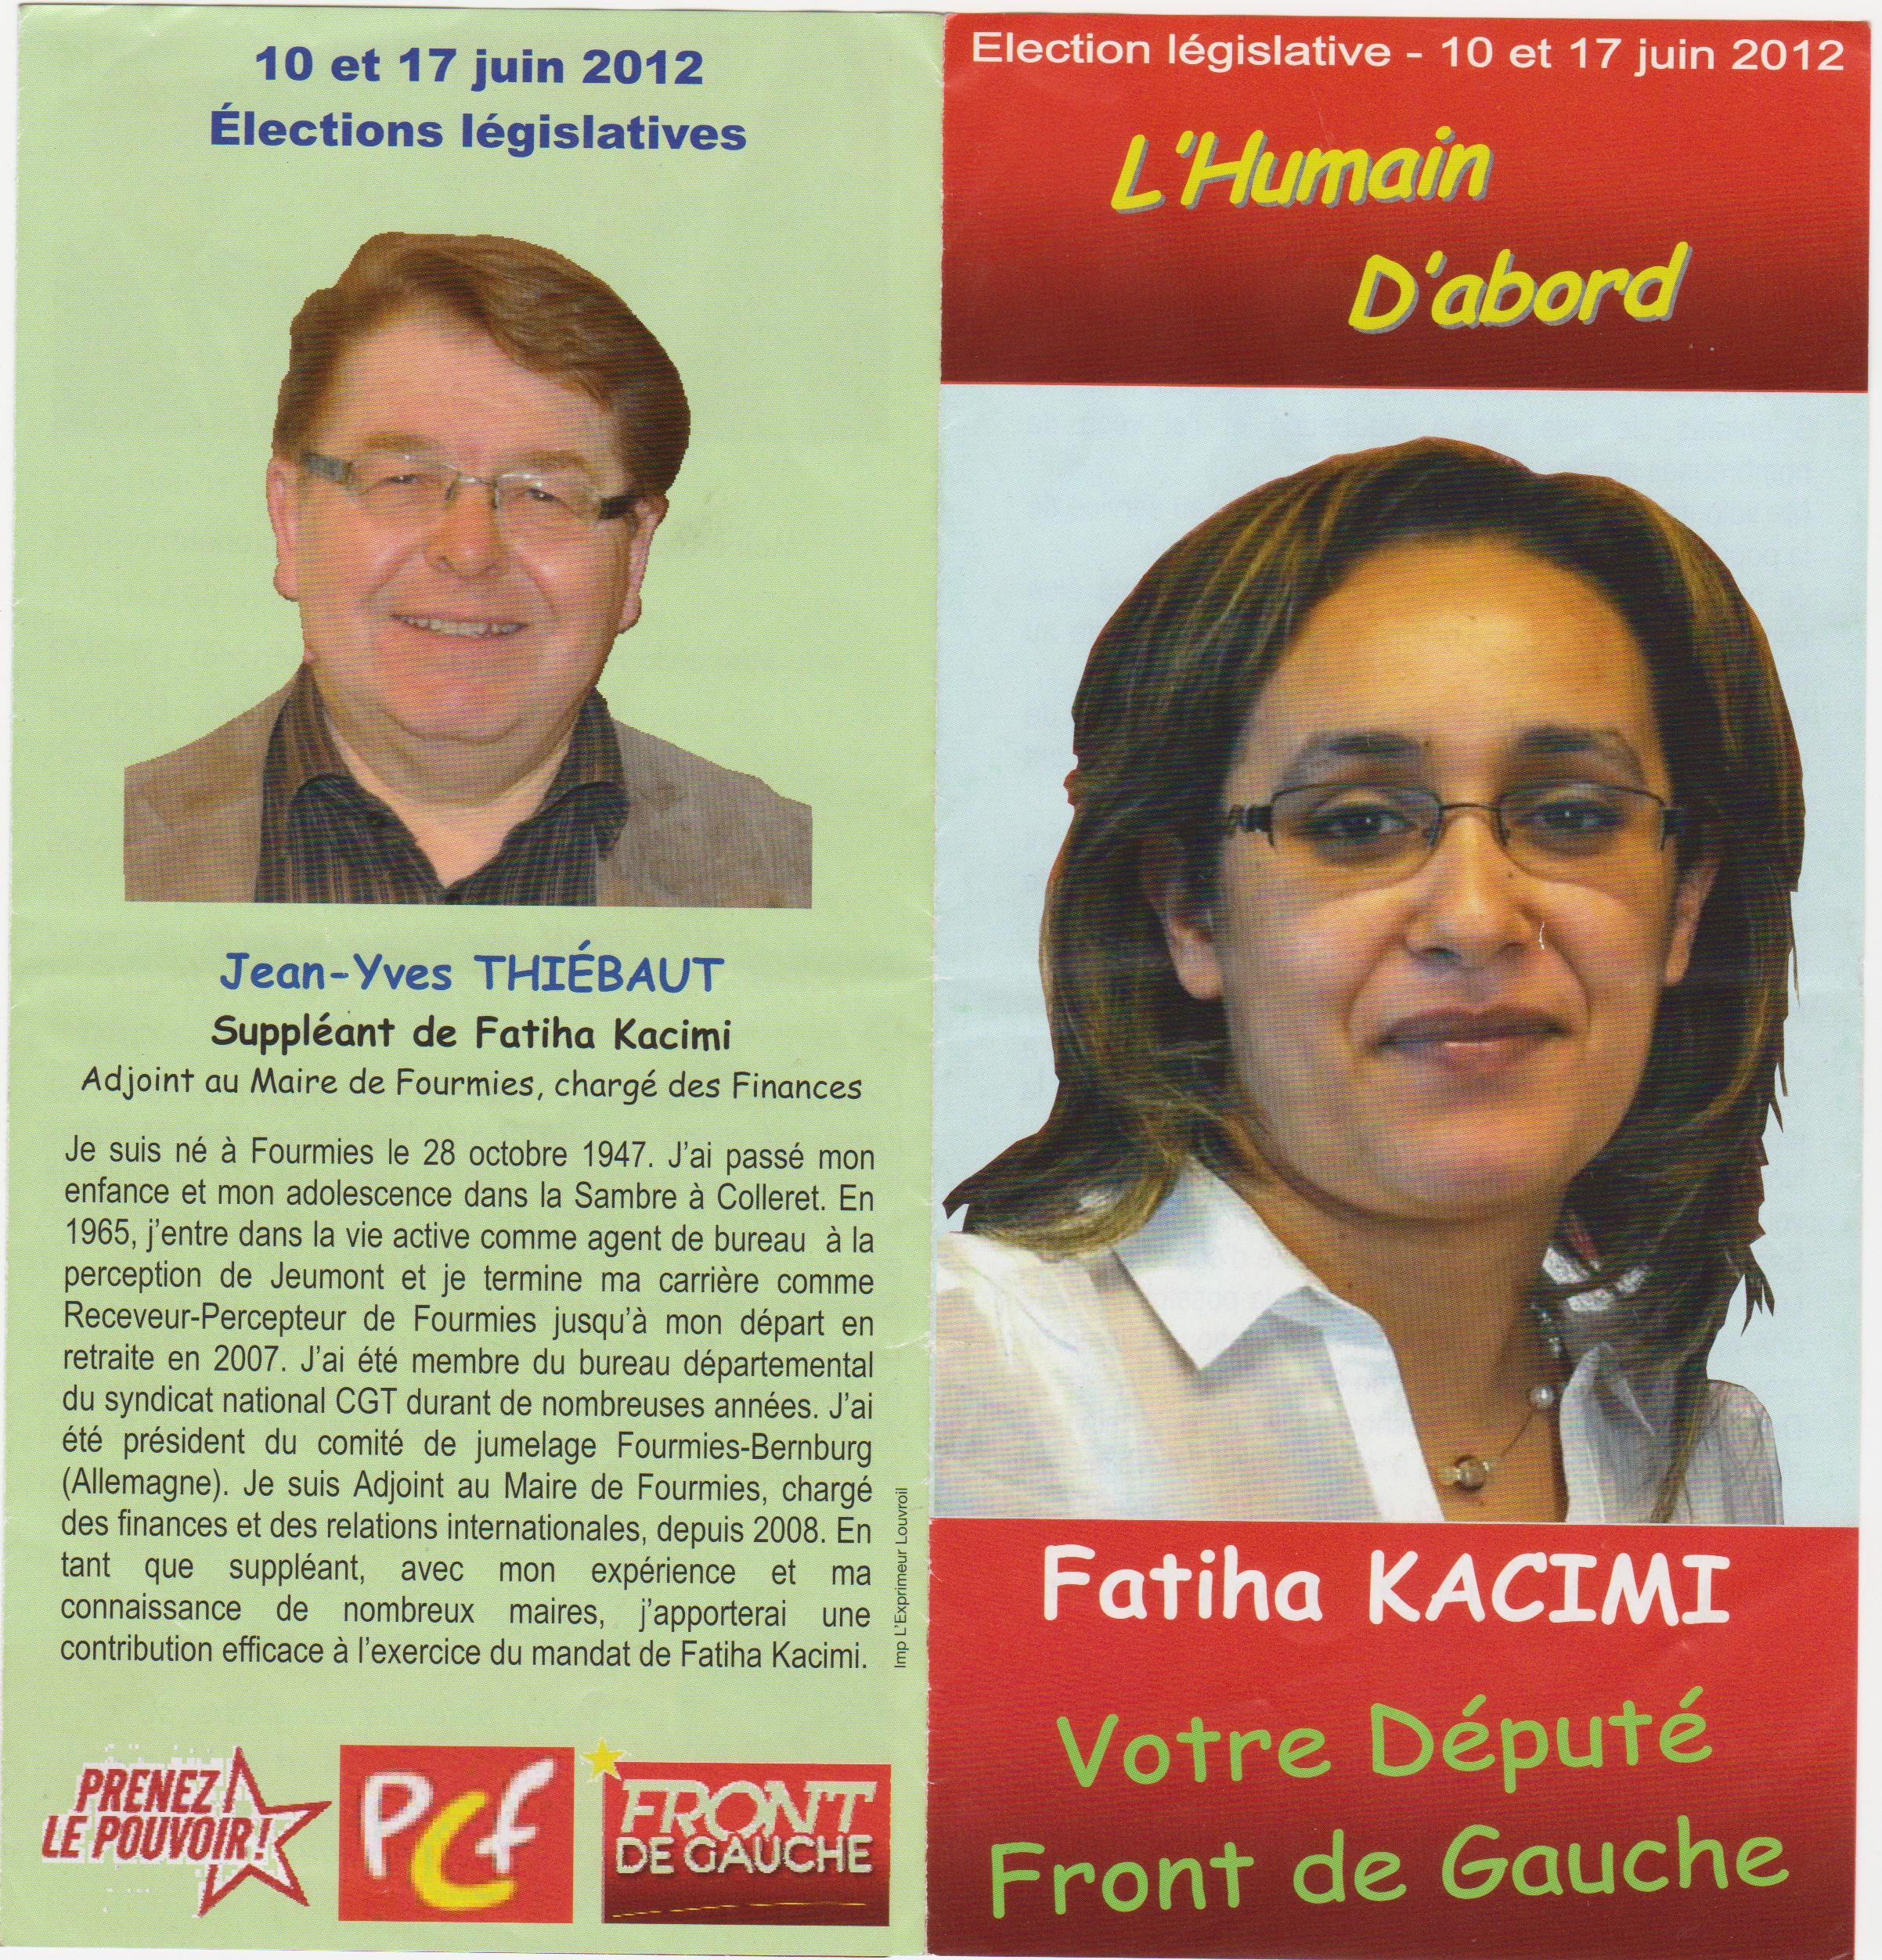 Élections législatives - 3e circonscription du Nord dans Legislatives 2012 001